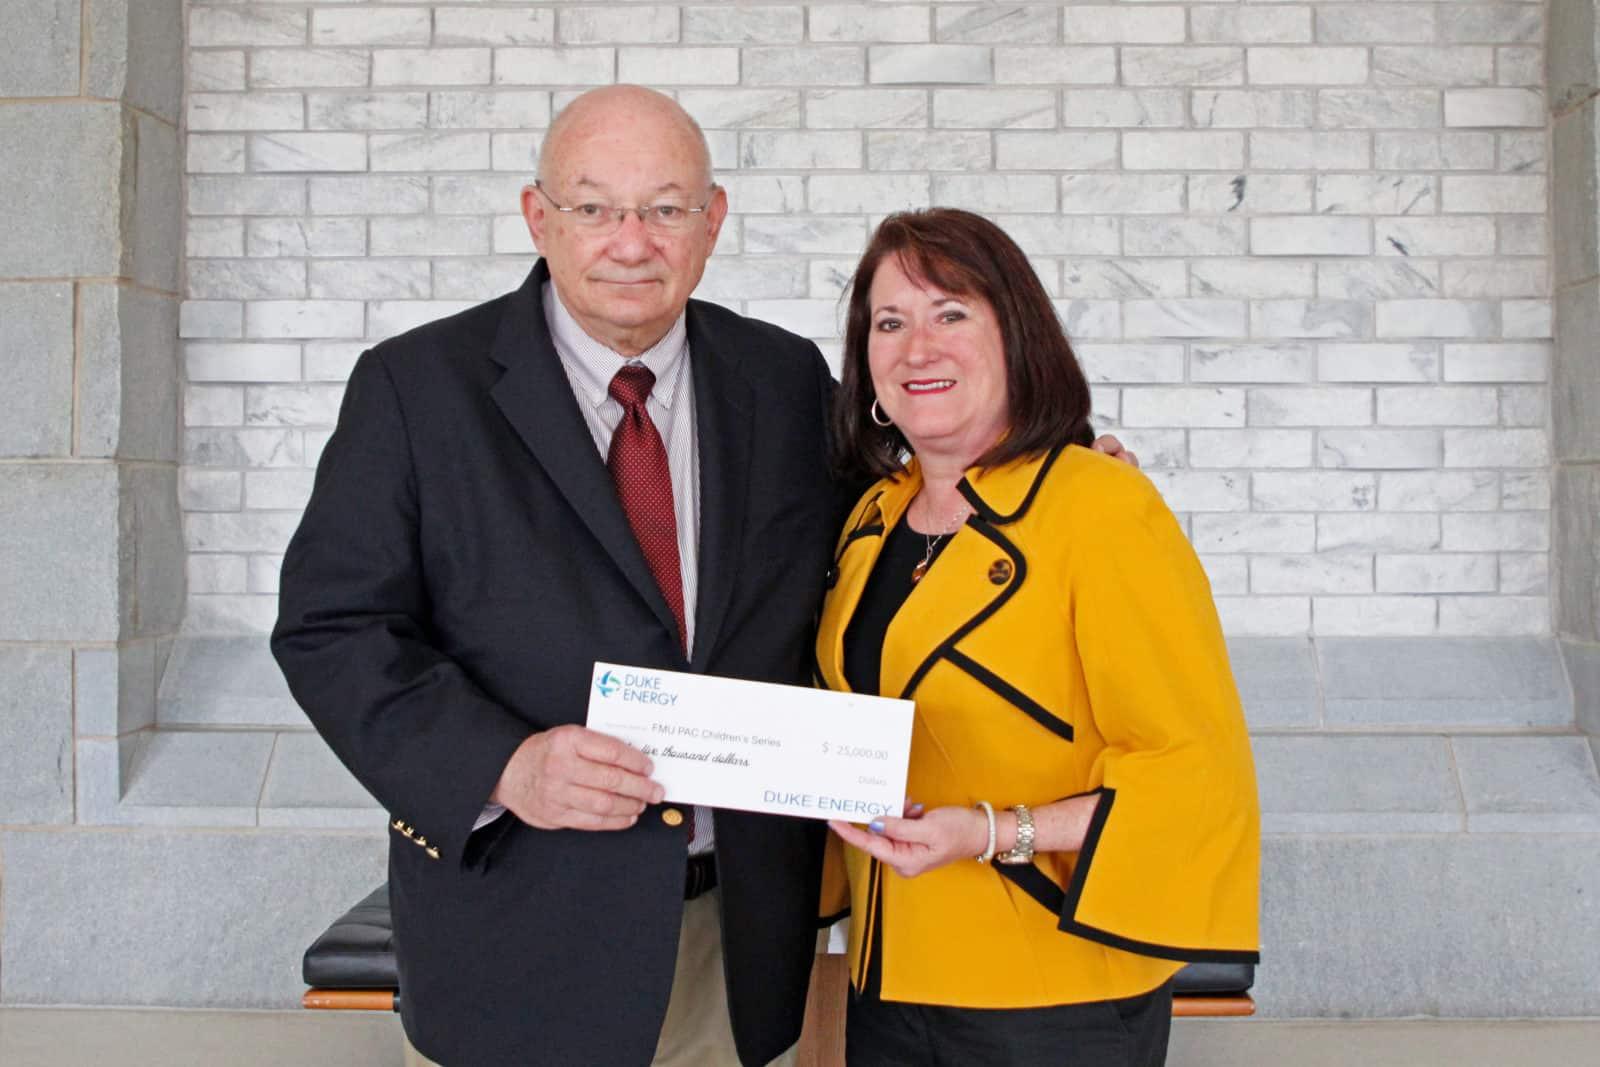 Duke Energy's support for PAC, Children's Series tops $100,000